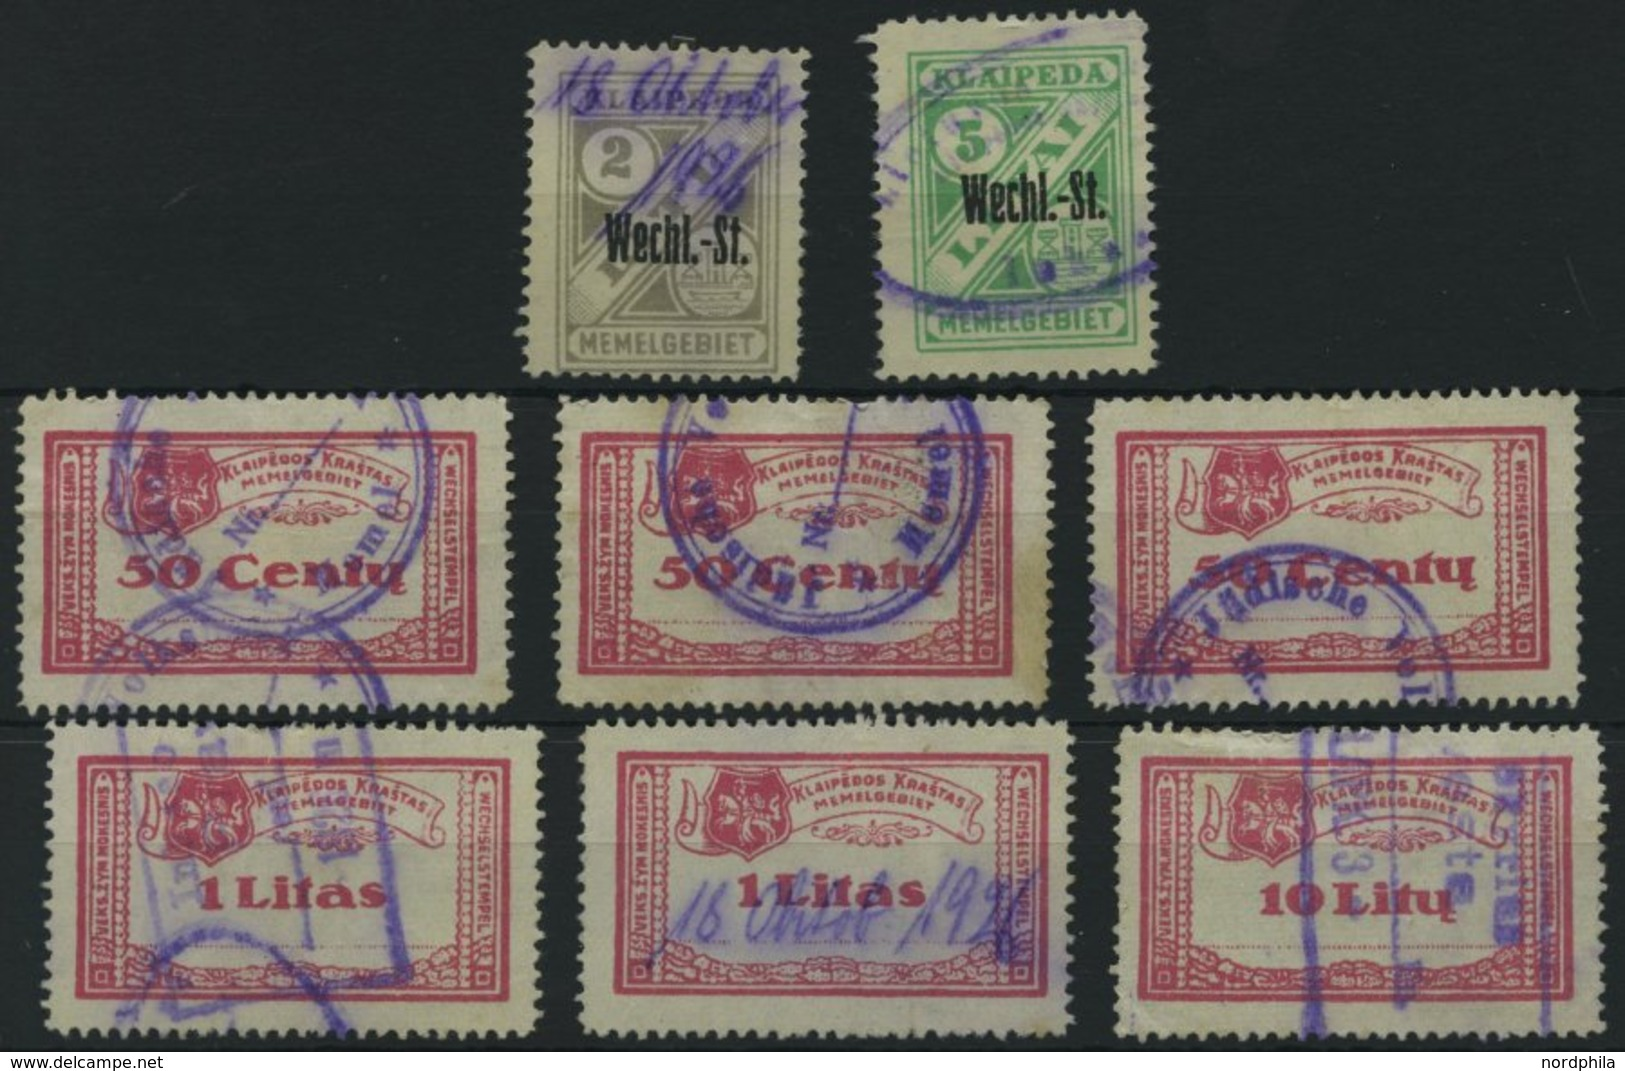 LITAUEN O, 8 Gebrauchte Stempelmarken, Feinst/Pracht - Litauen